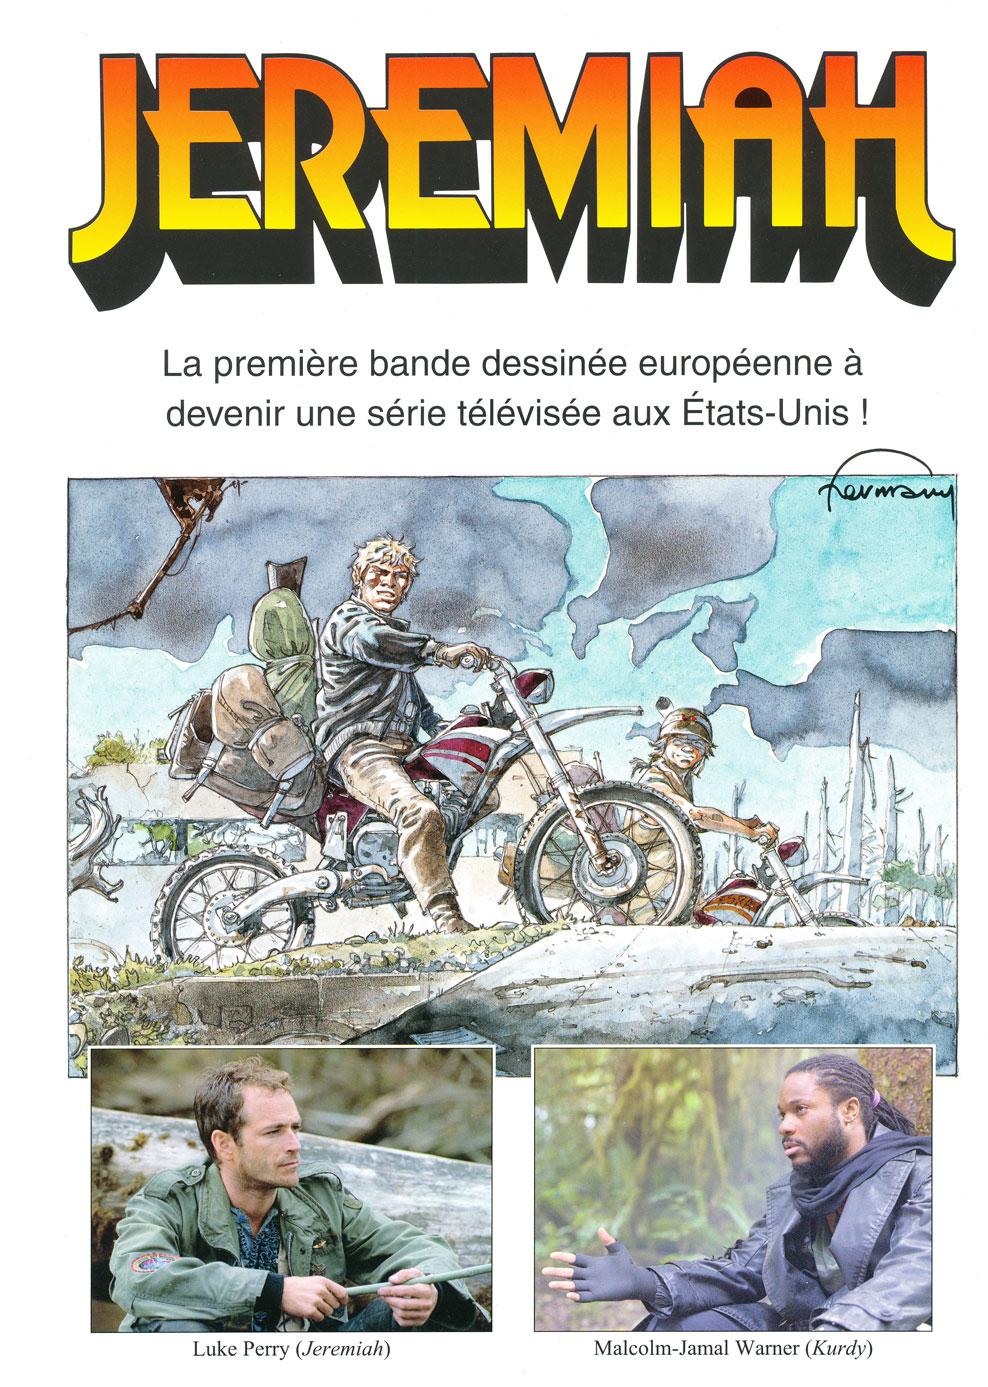 Hermann le dessinateur sans limite - Page 16 Jeremi10